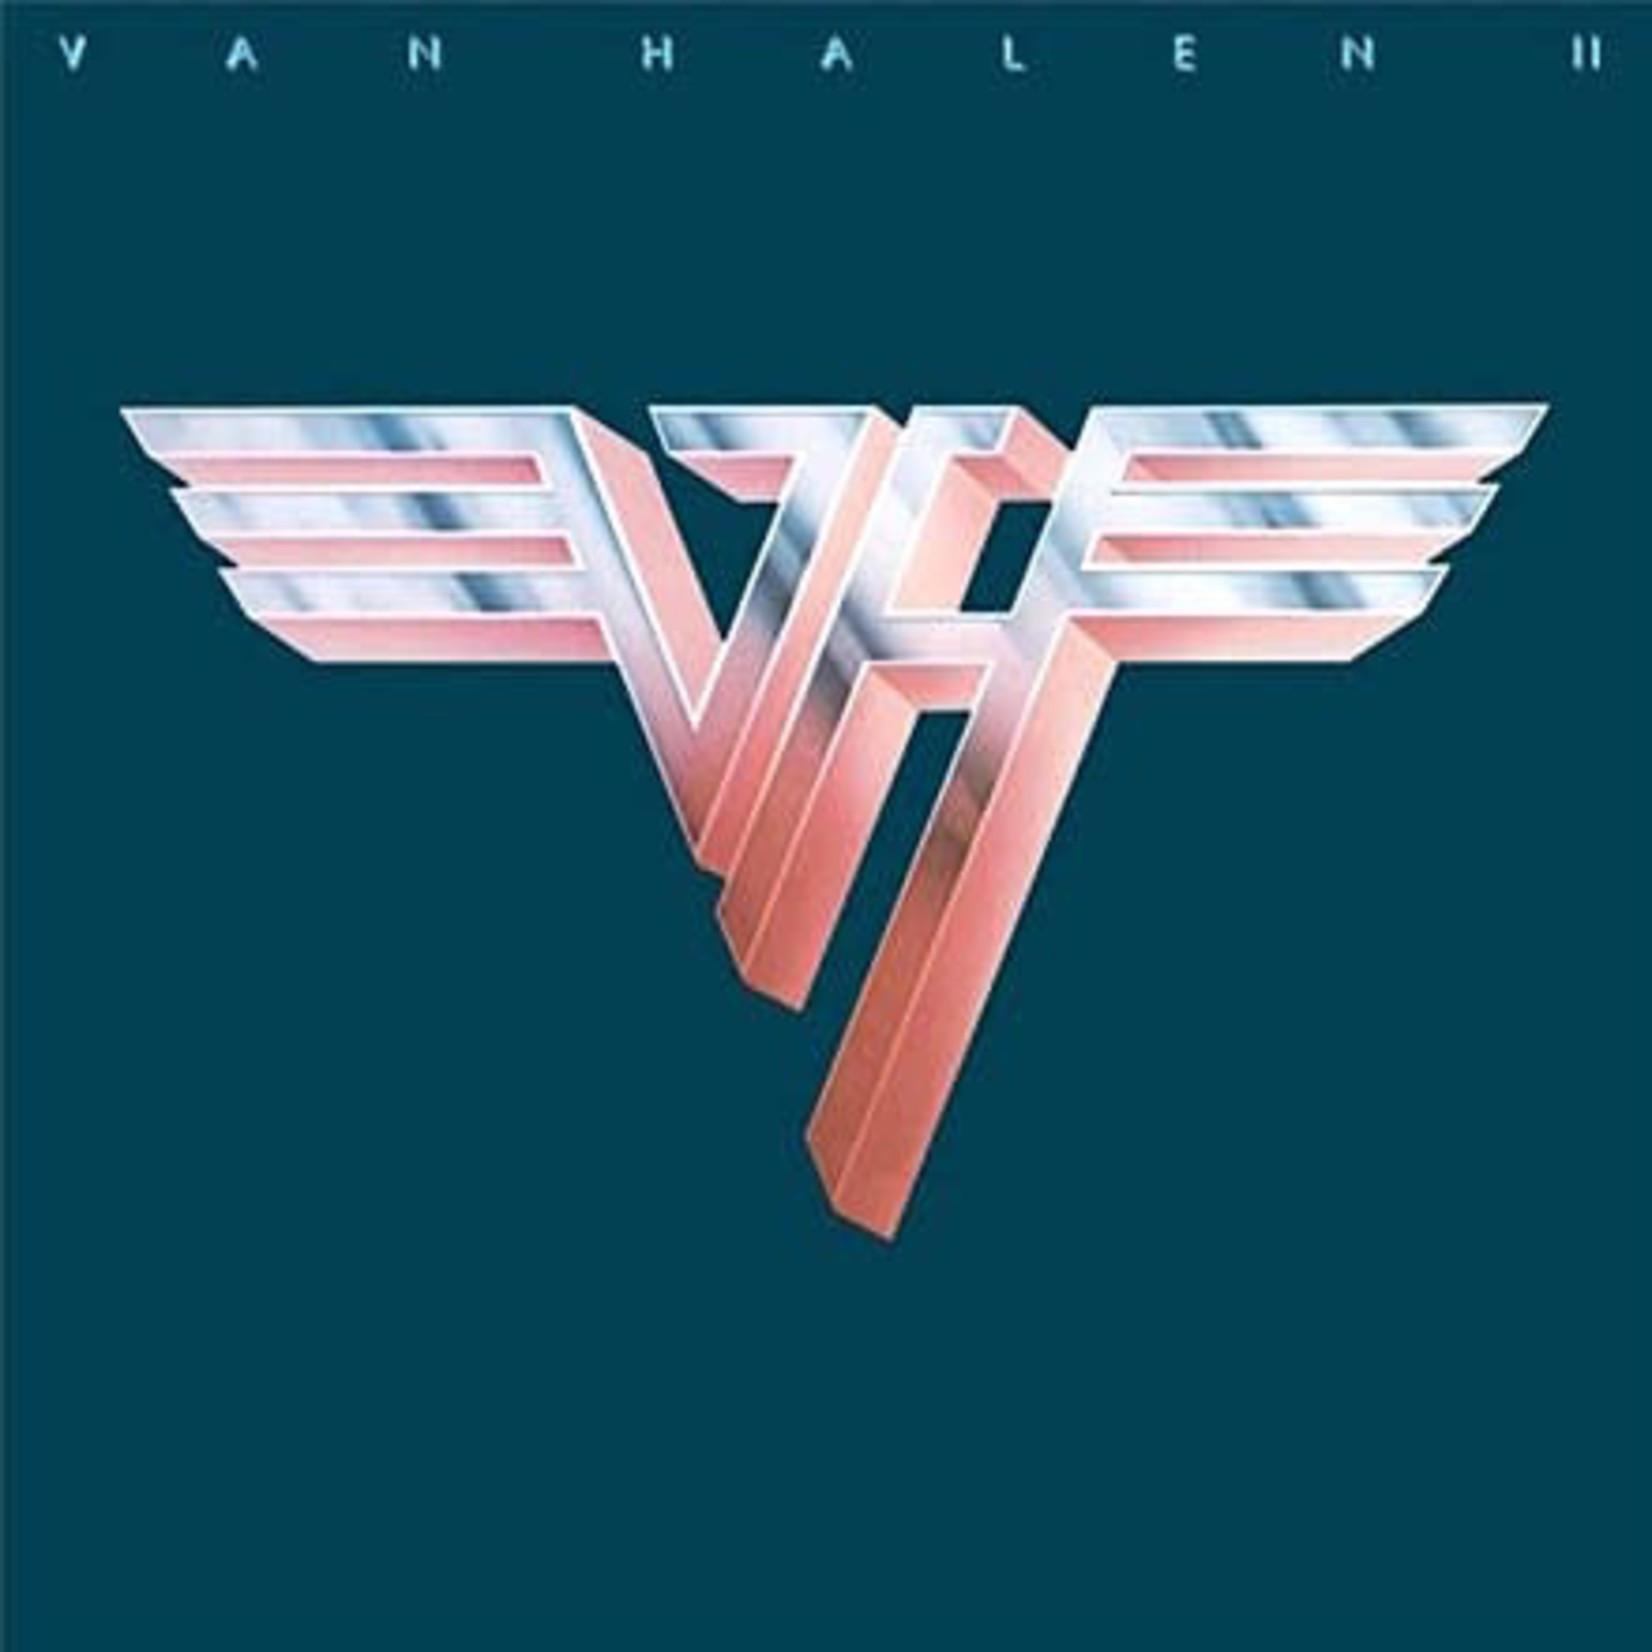 [Vintage] Van Halen: Van Halen II